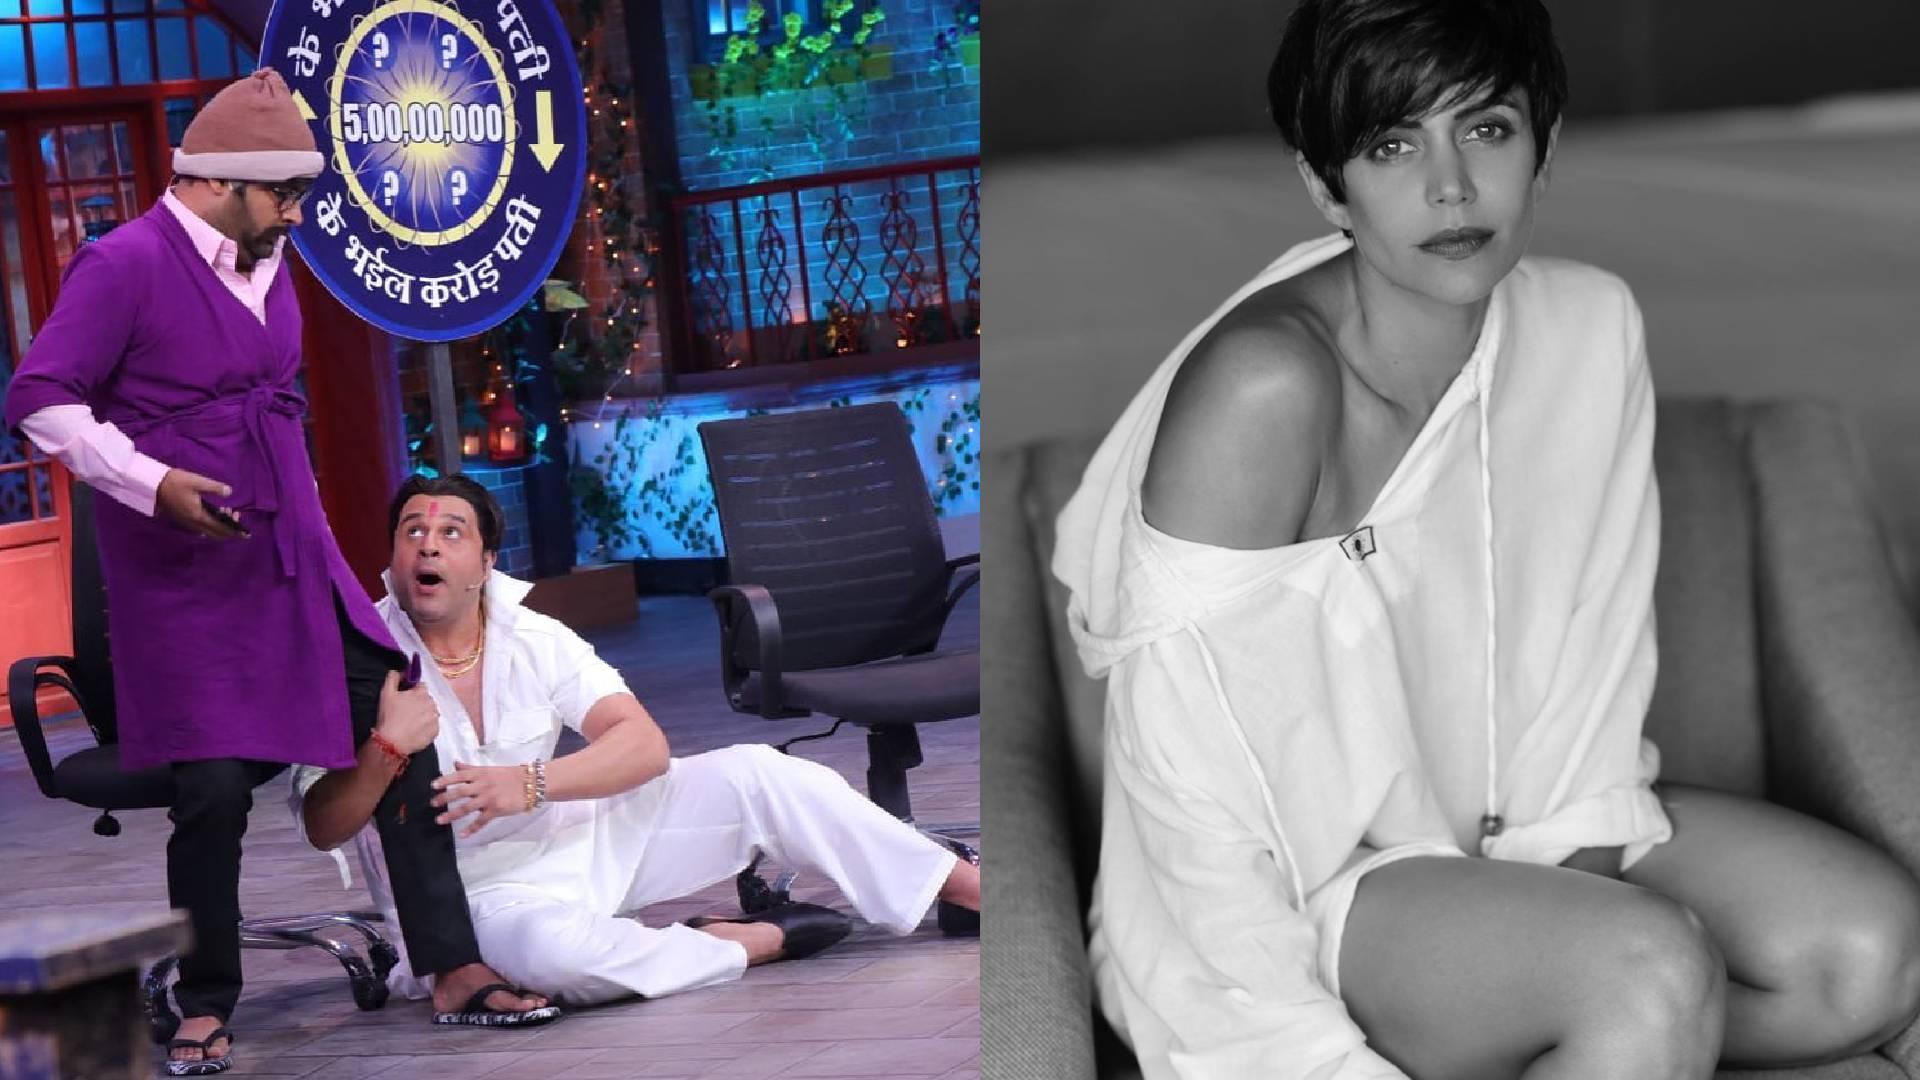 The Kapil Sharma Show: प्रभास के सामने कृष्णा ने उड़ाया मंदिरा बेदी का मजाक, एक्ट्रेस की फिट बॉडी पर मारा ताना